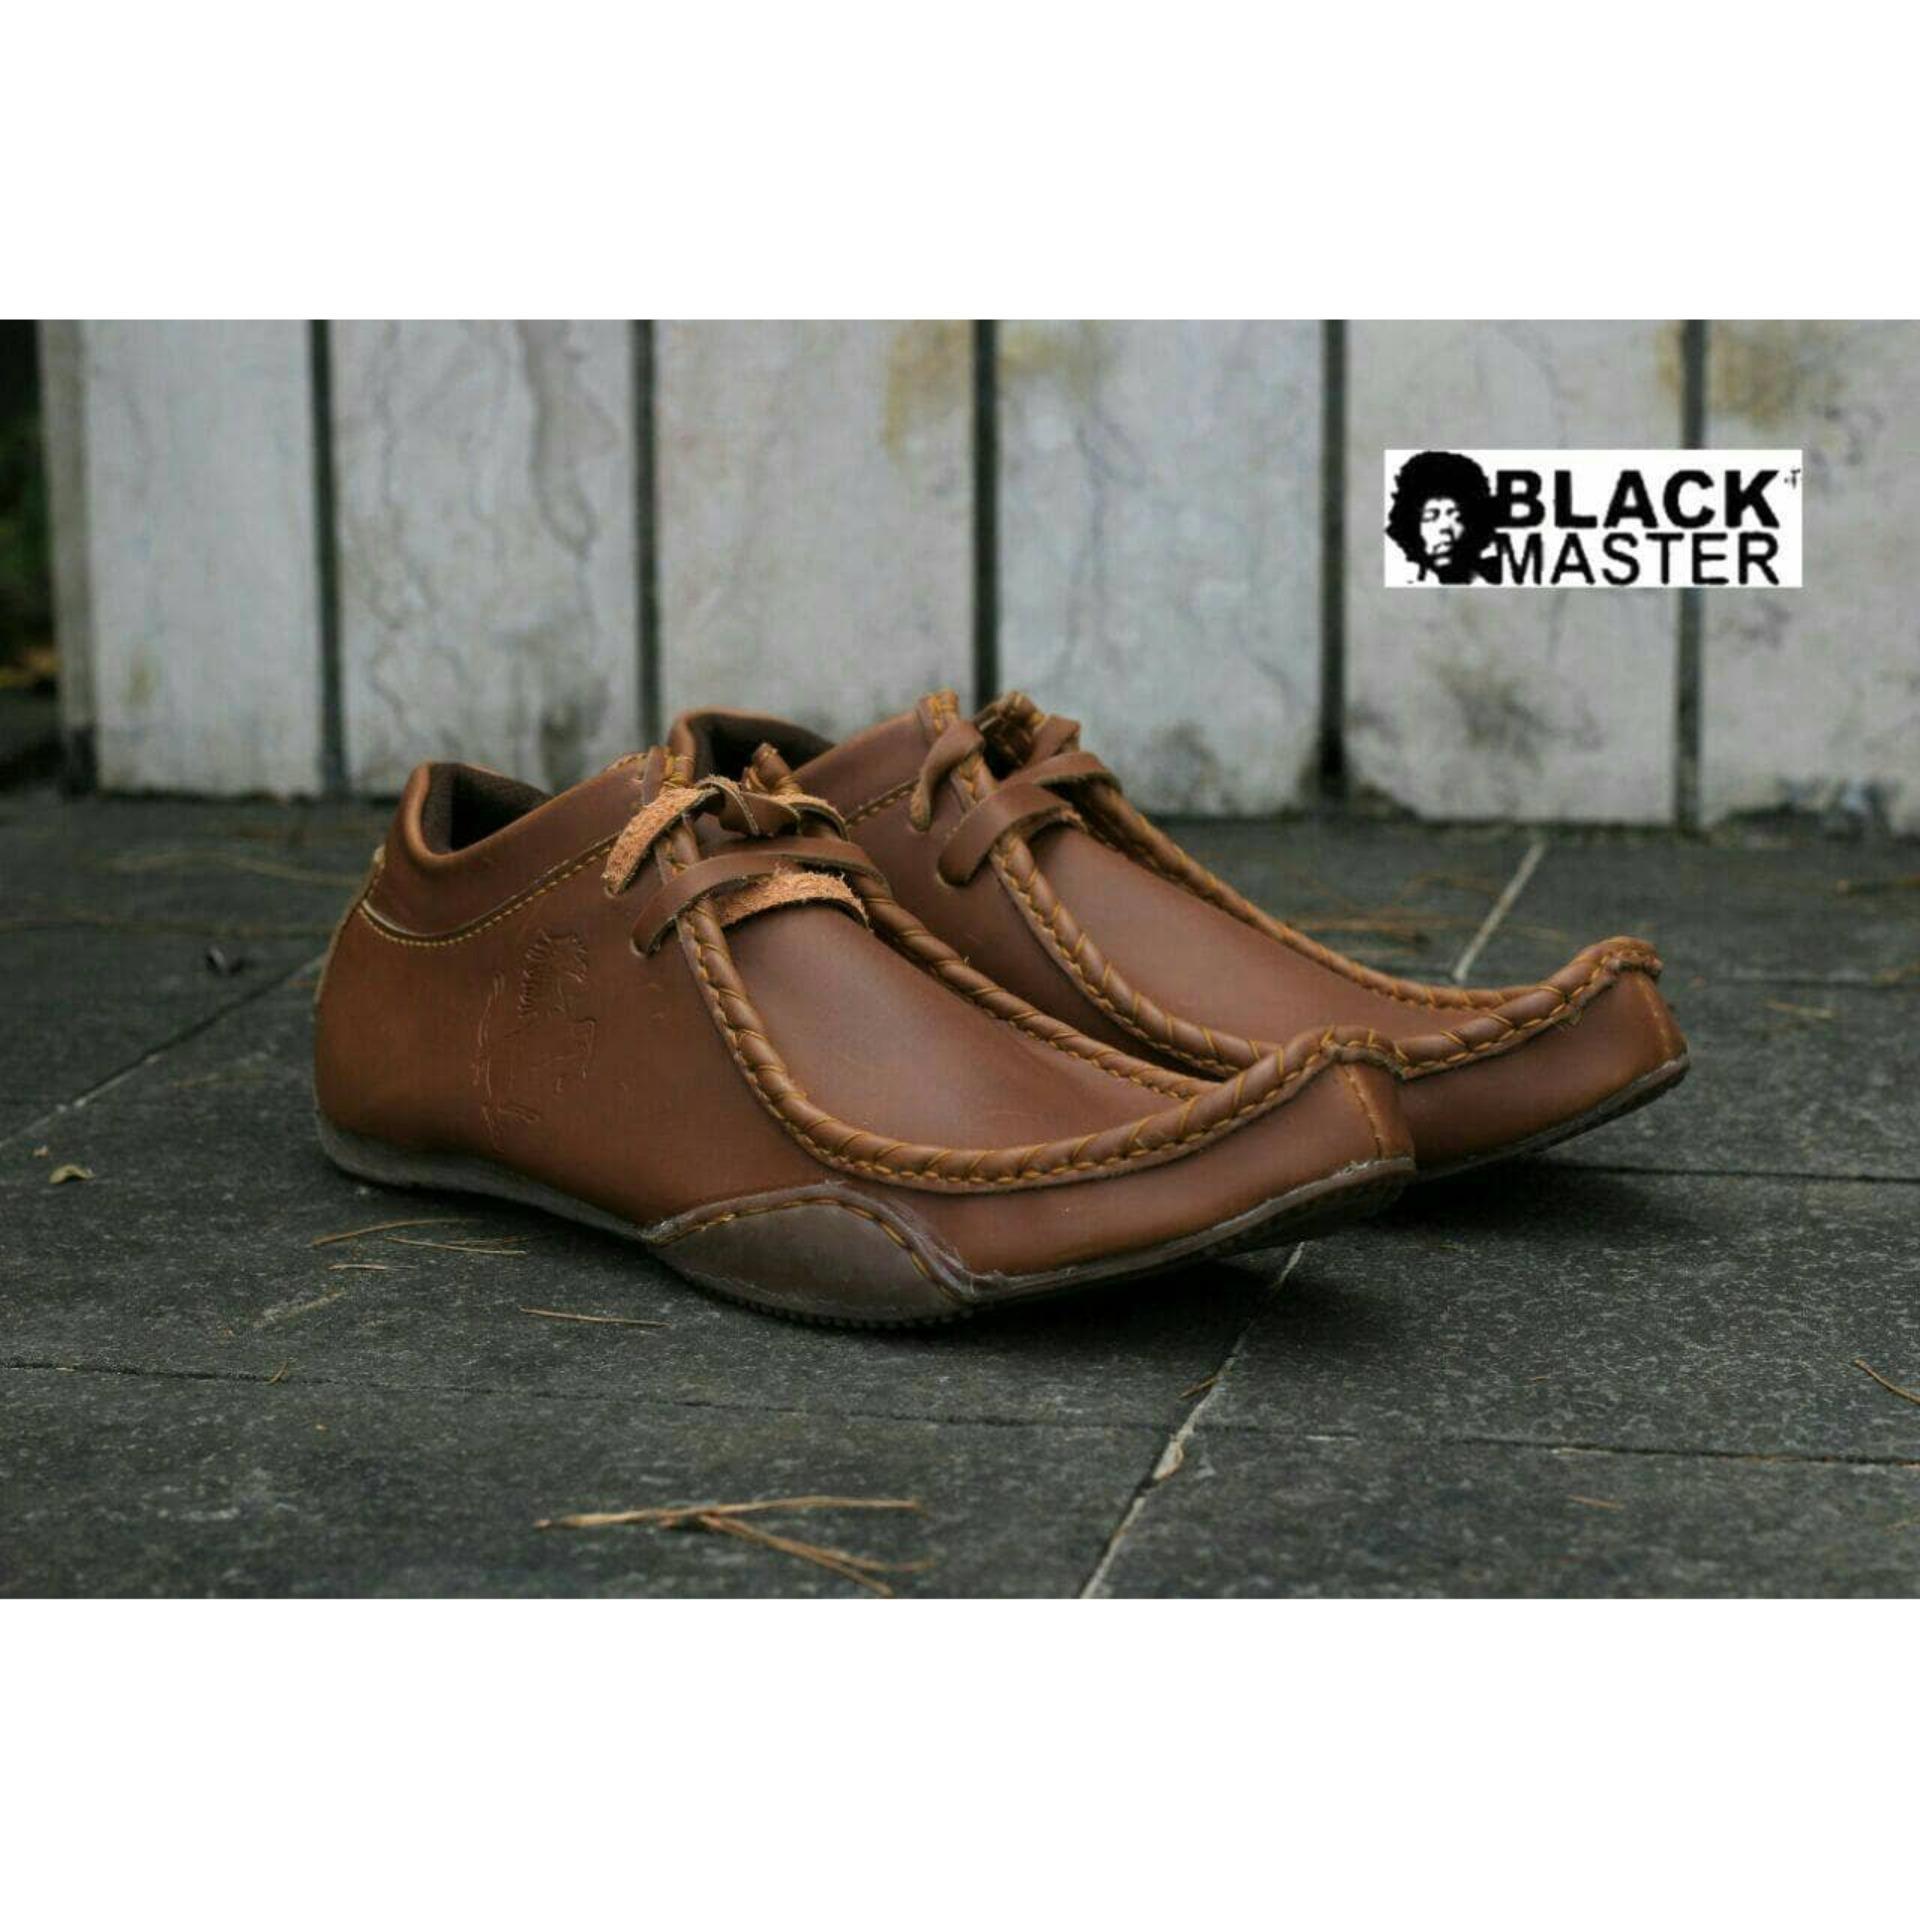 Sepatu Kulit Pria Semi Boots Pansus Black Master Original - Smart4K ... 235acf5784